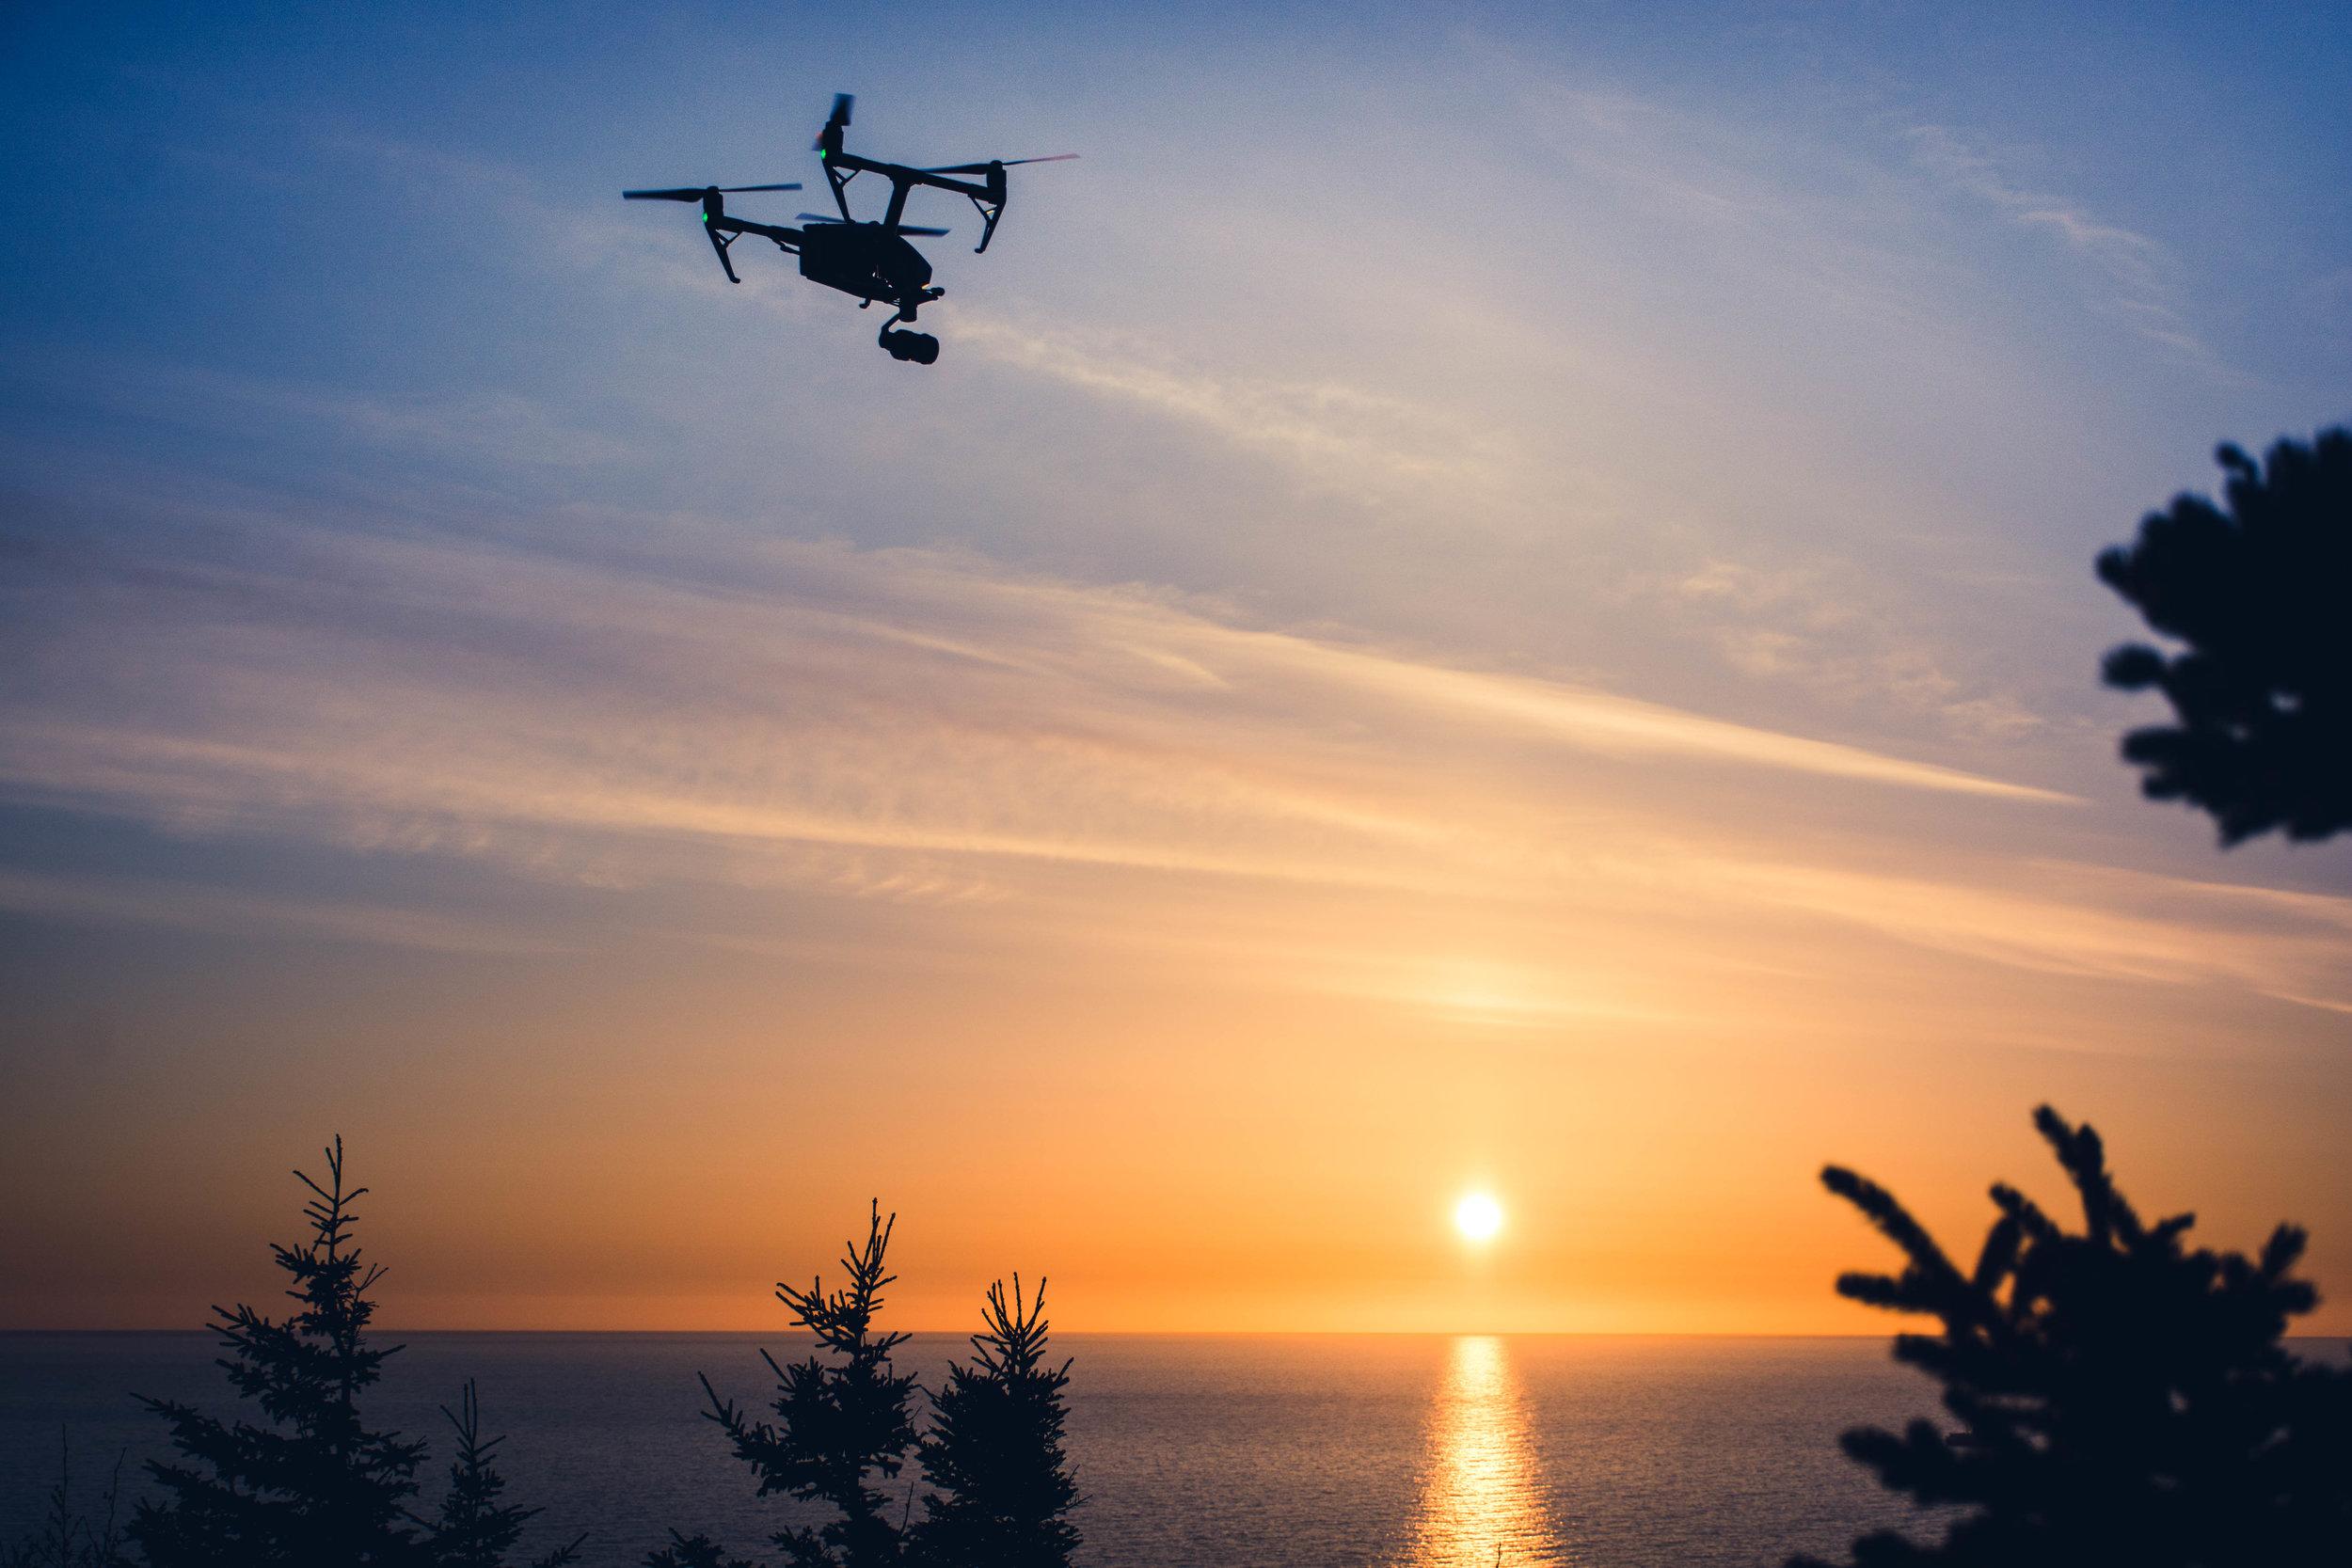 UAV, Drone Newfoundland, Aerial Video